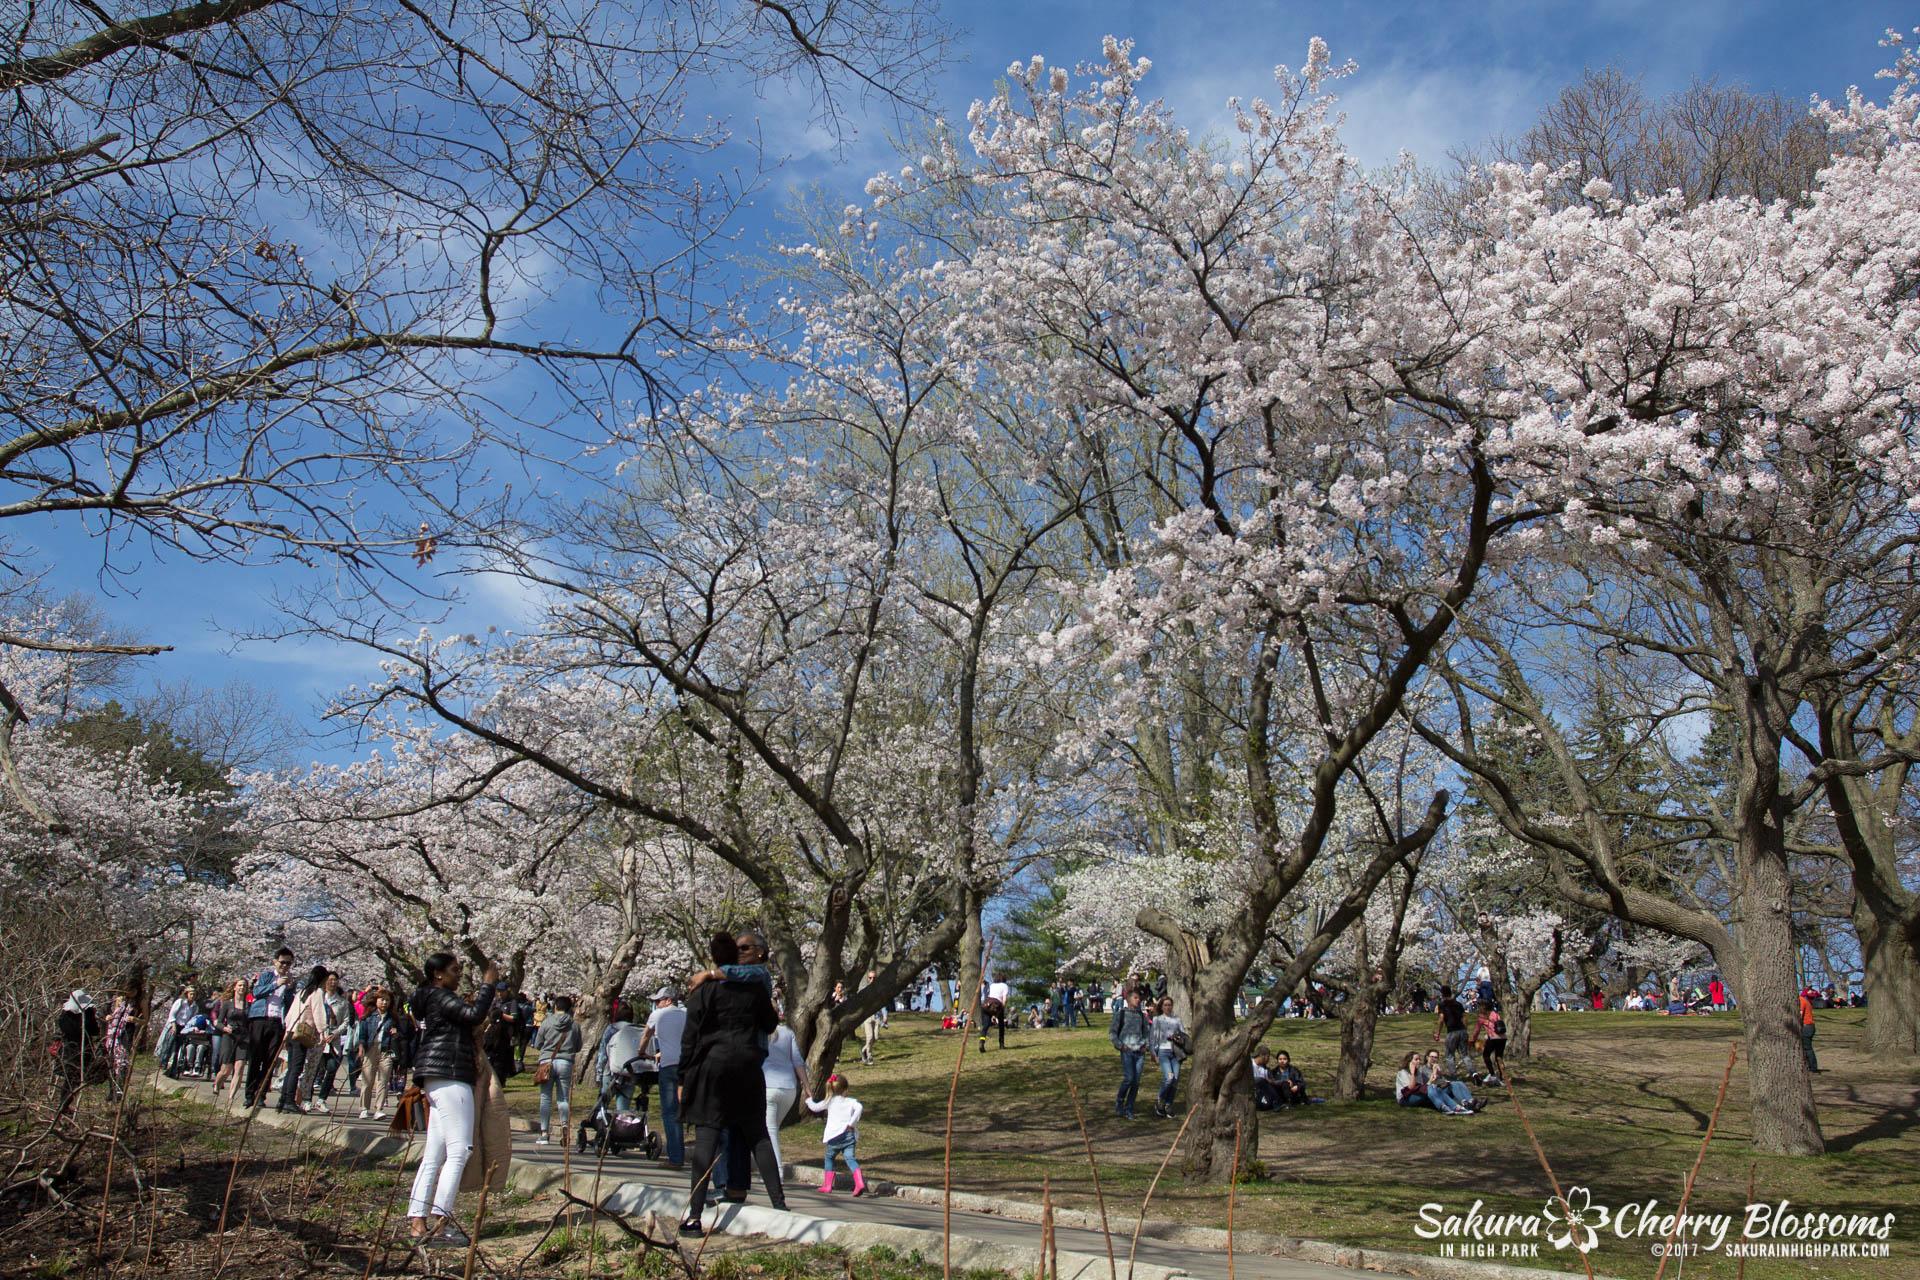 Sakura-Watch-April-28-2017-full-bloom-throughout-High-Park-5747.jpg